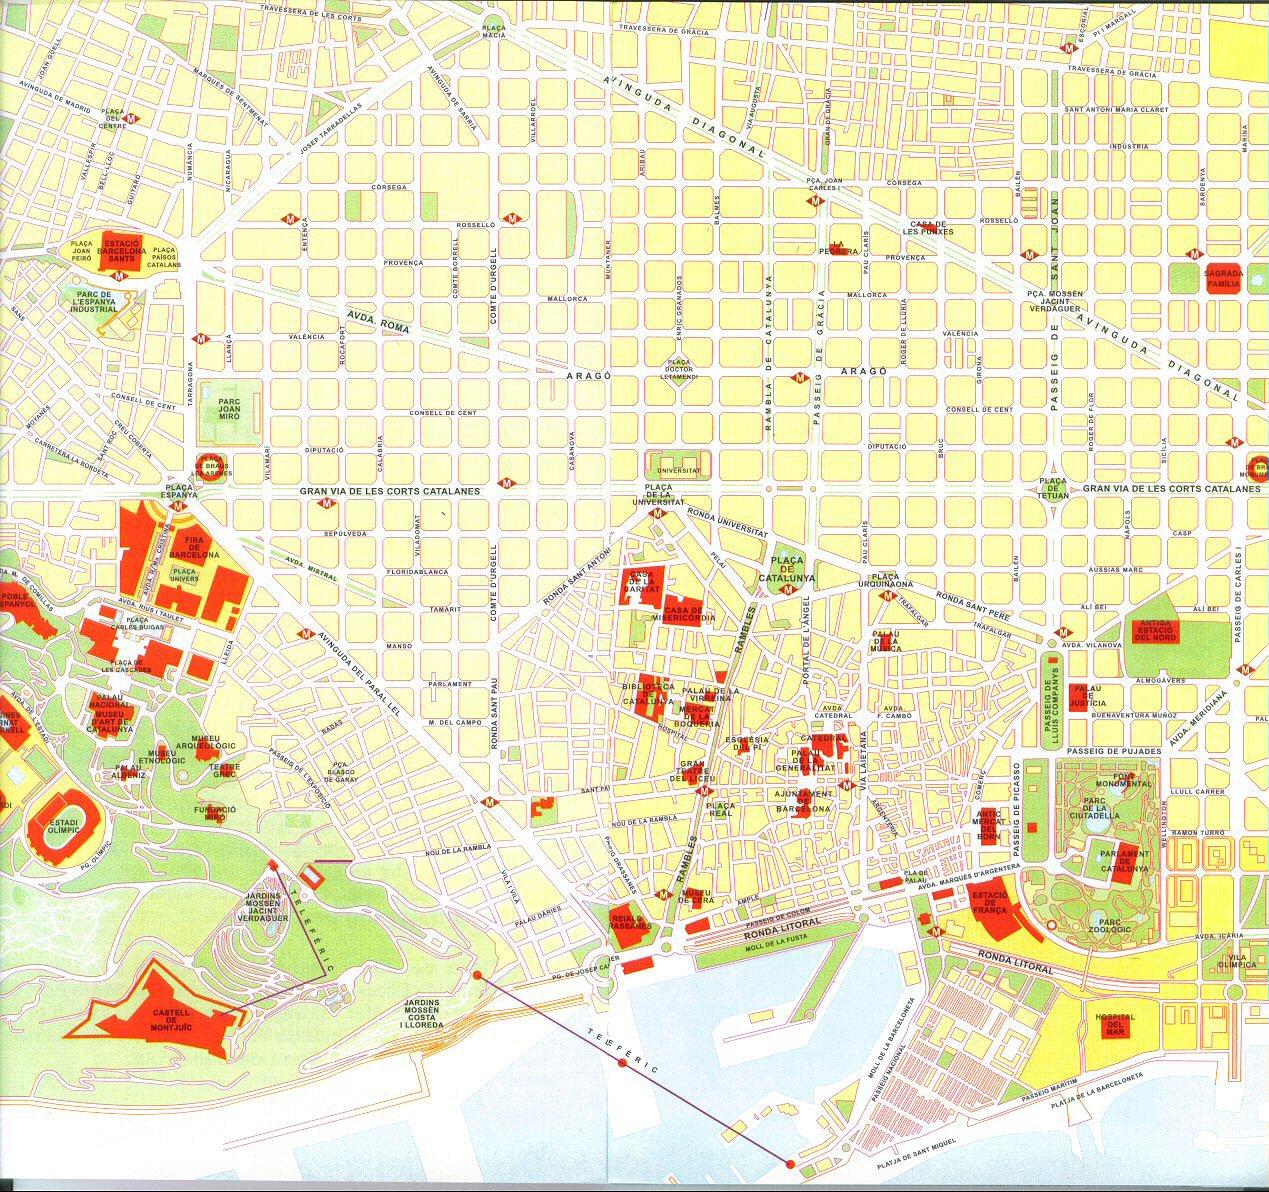 Obrázek turistické mapy Barcelony